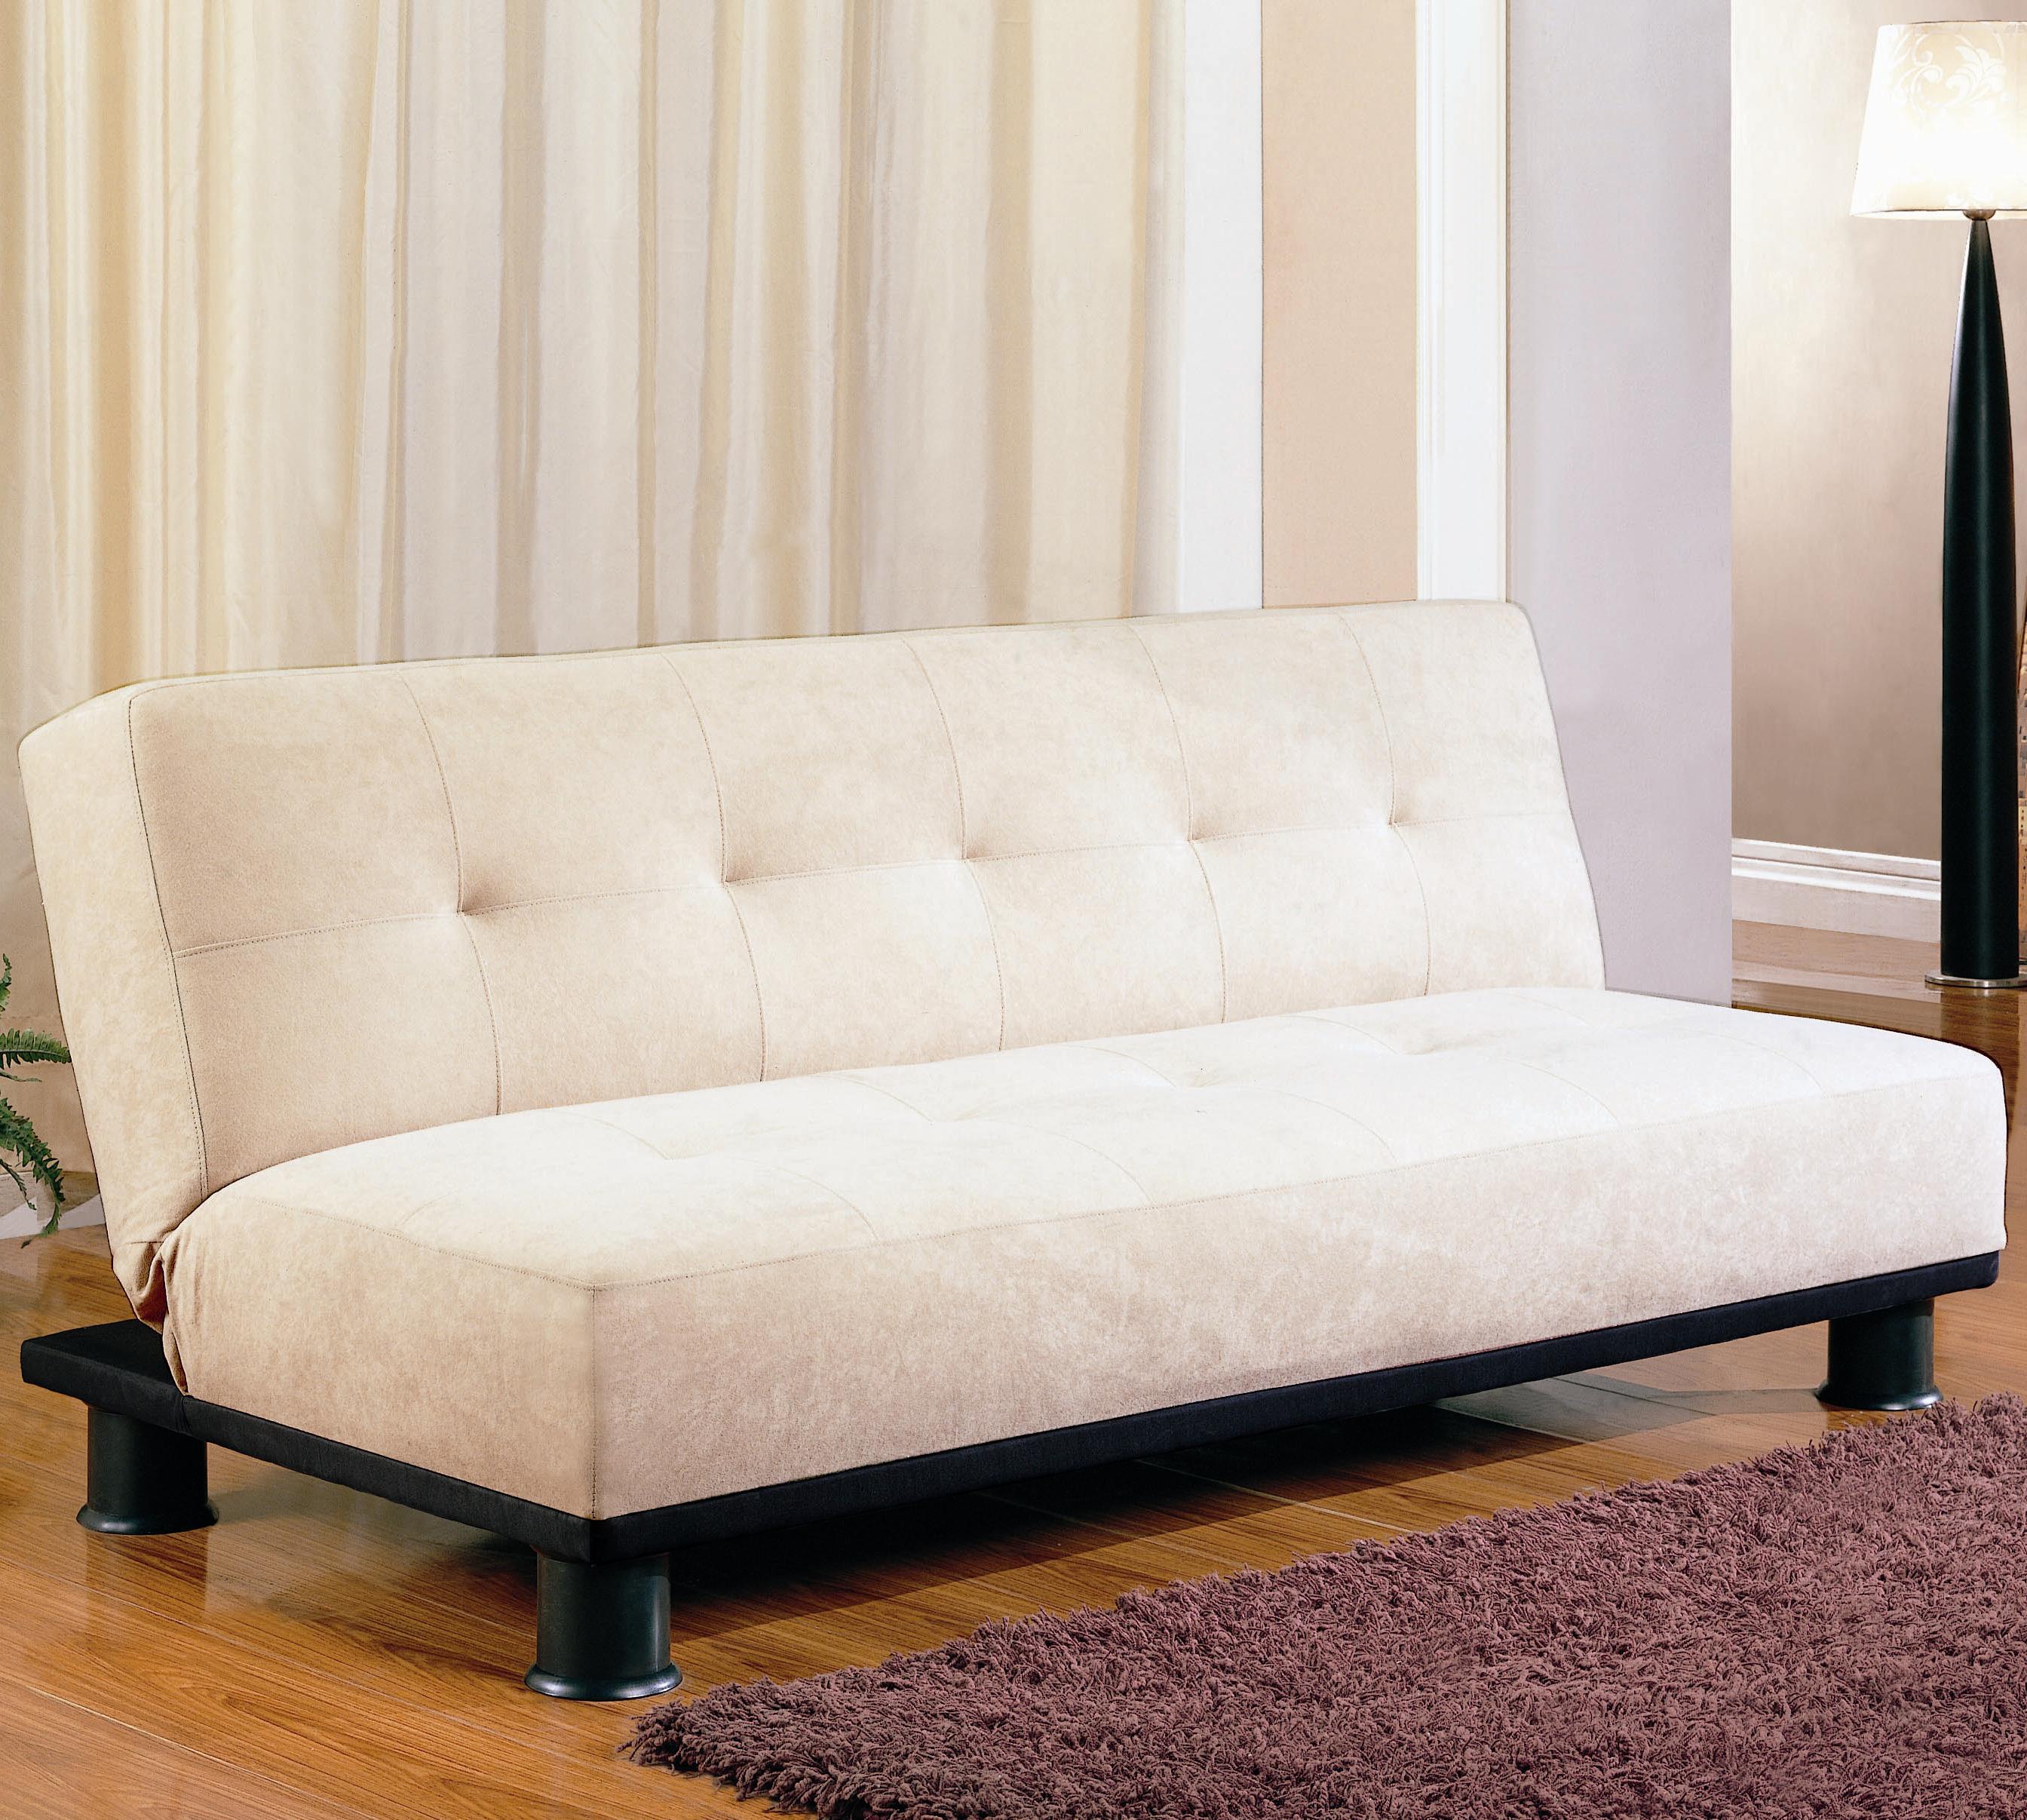 cama sofa x dobr futon madeira casal colchao zoom futons preto base colch o sem de vel